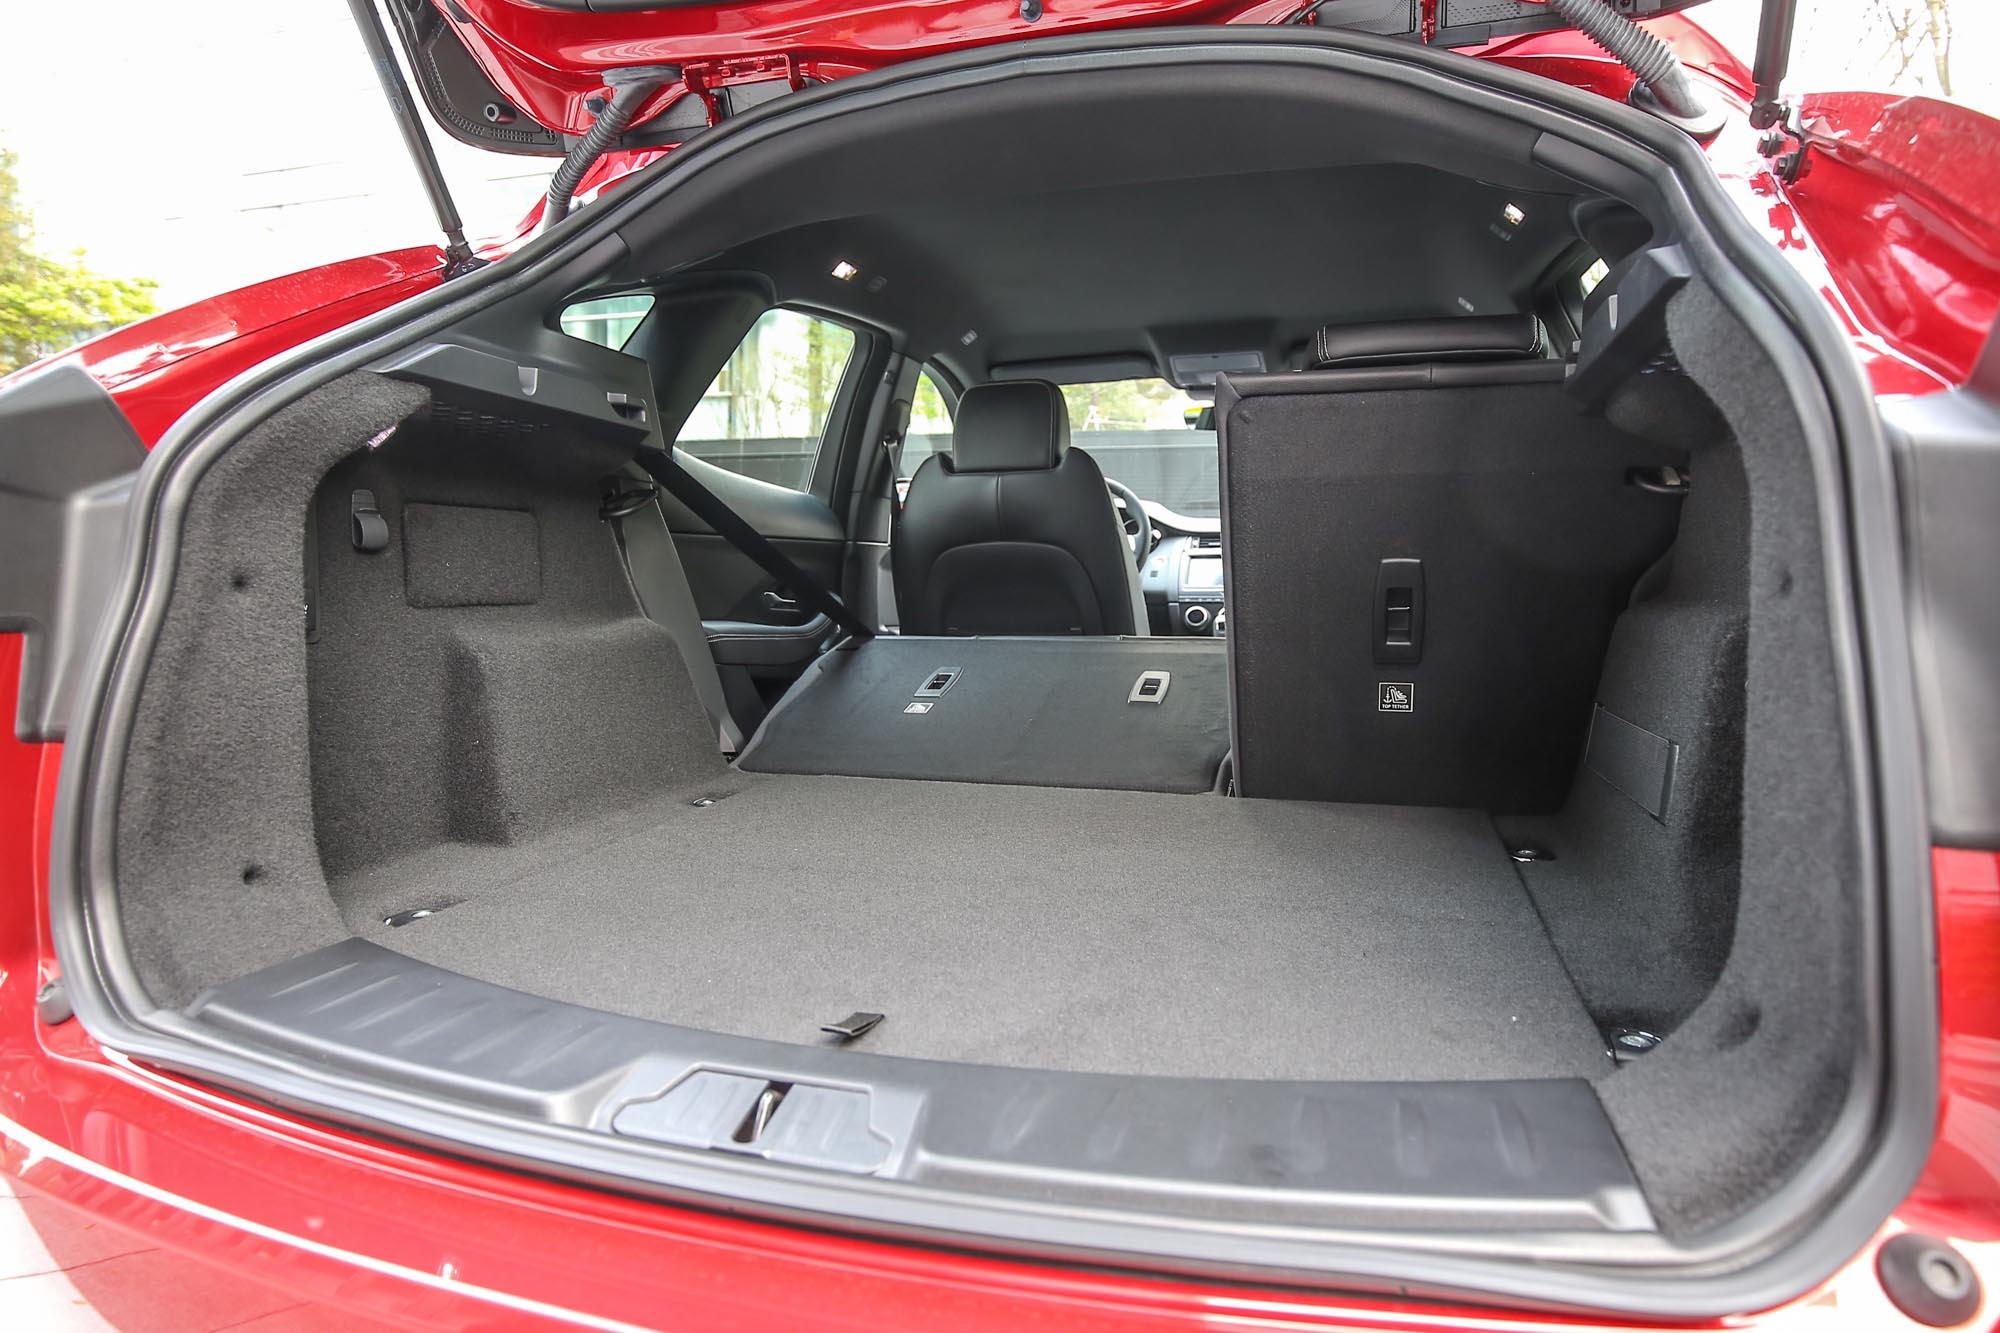 標準乘坐時後廂容積為577公升,可透過6/4分離機制的後座椅背傾倒再往上擴增。